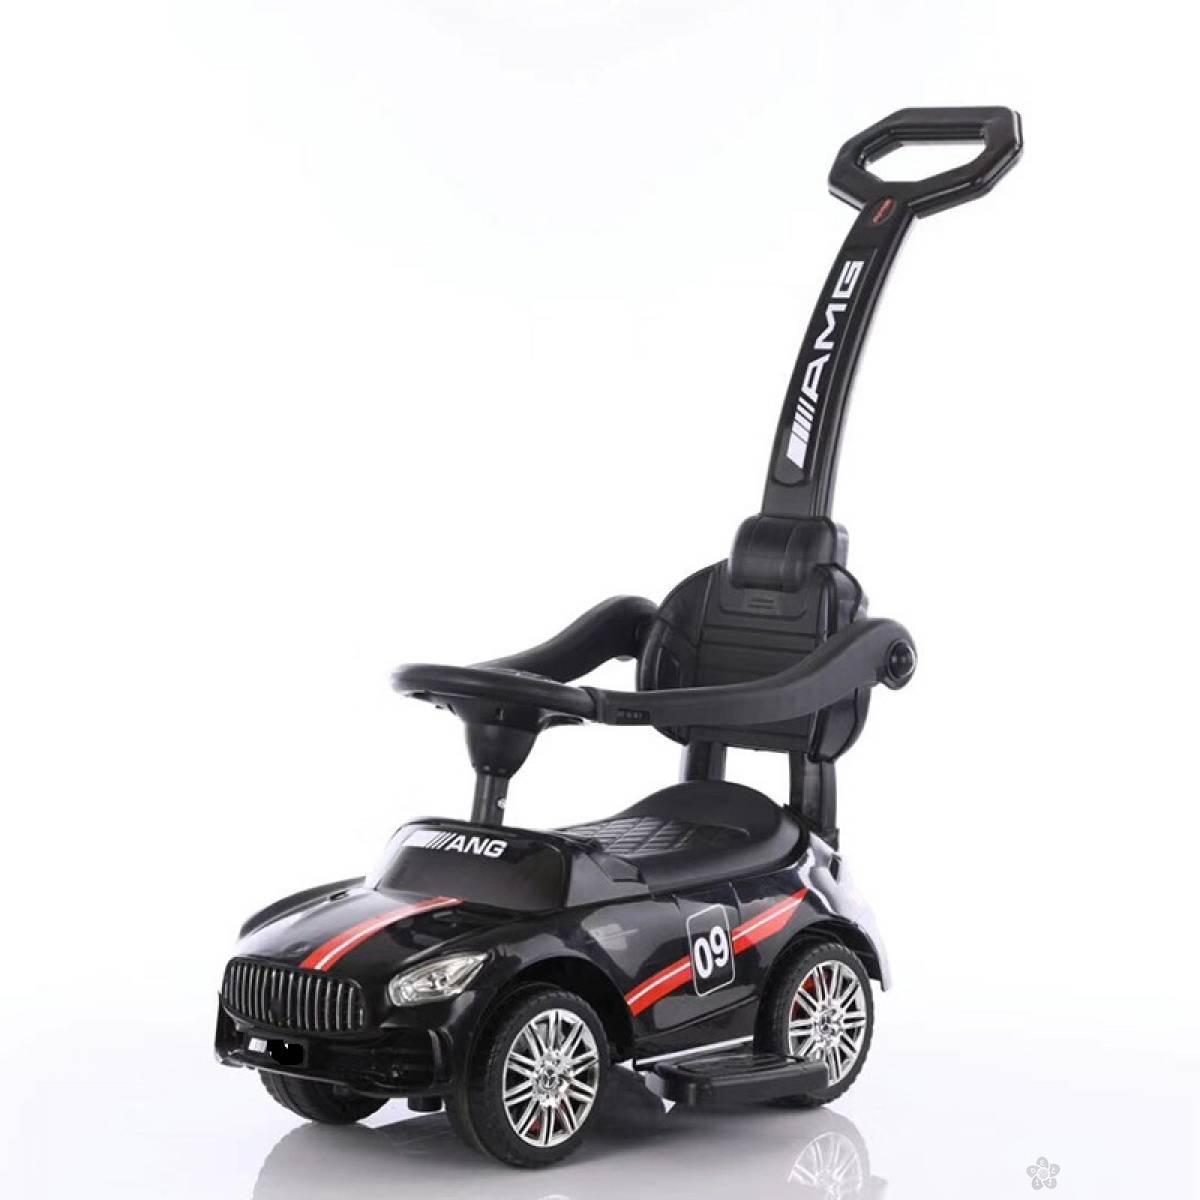 Guralica auto model 459 crna